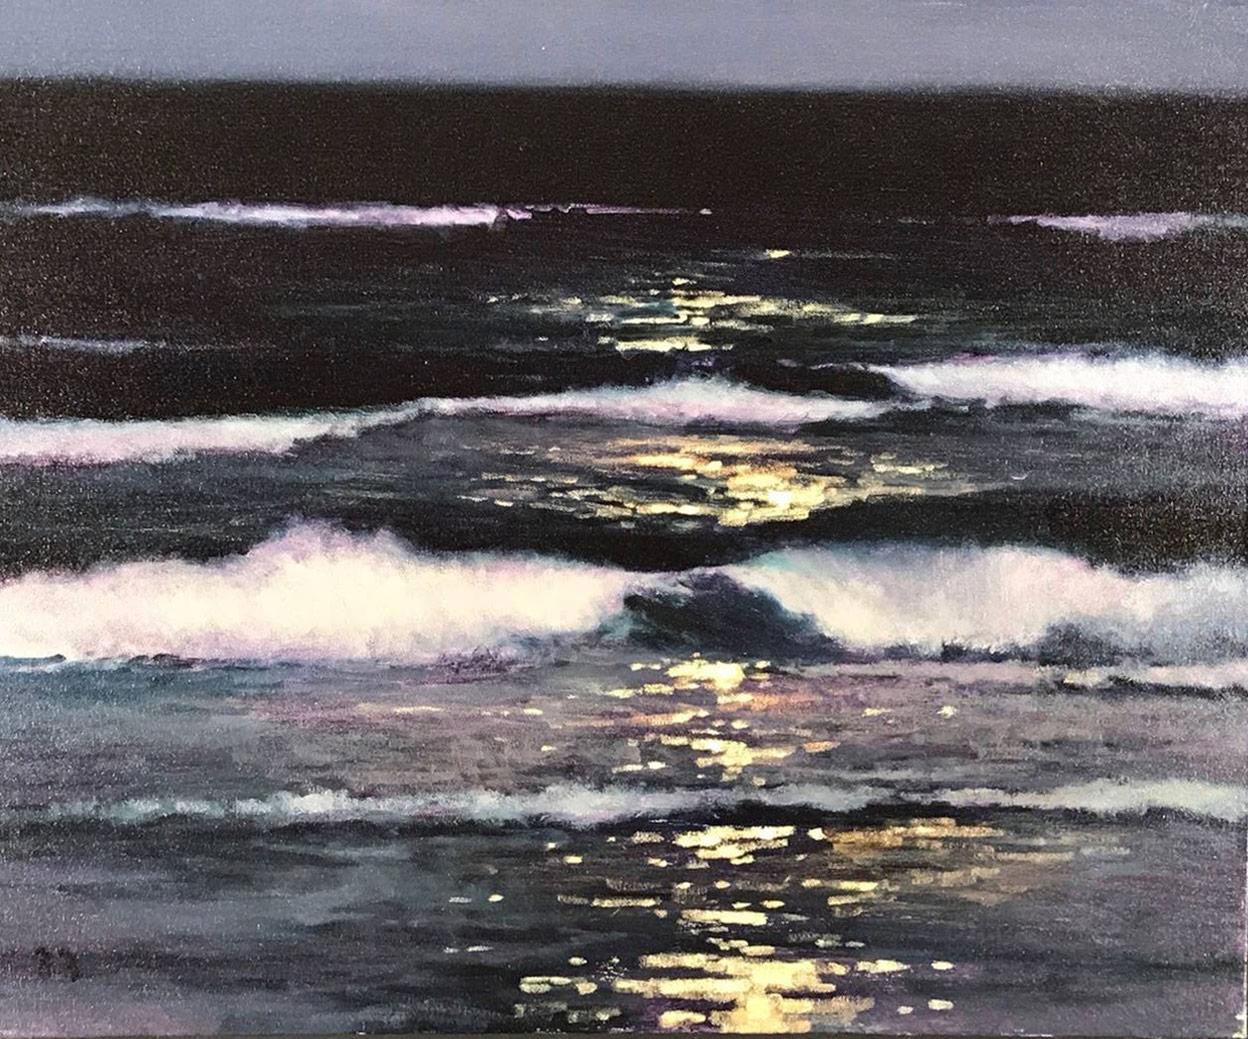 Blood Moonlit Surf